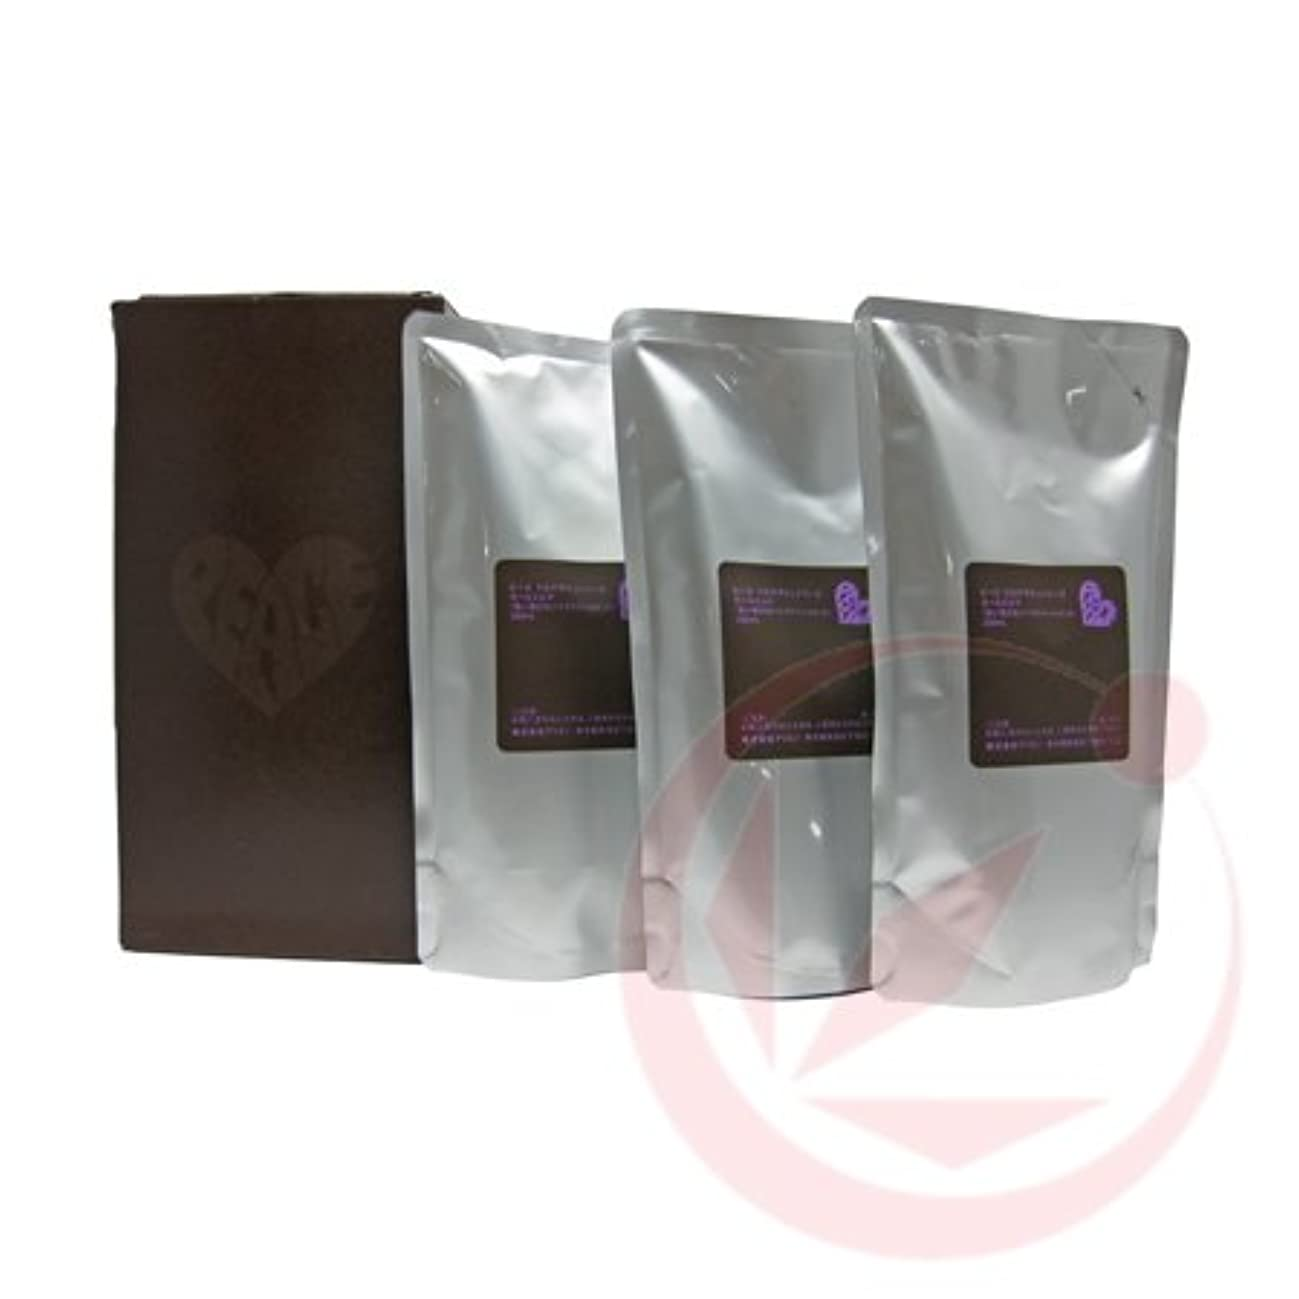 教育快適追加アリミノ ピース カールmilk ミルク(チョコ) 200ml(業務?詰替用)×3個入り